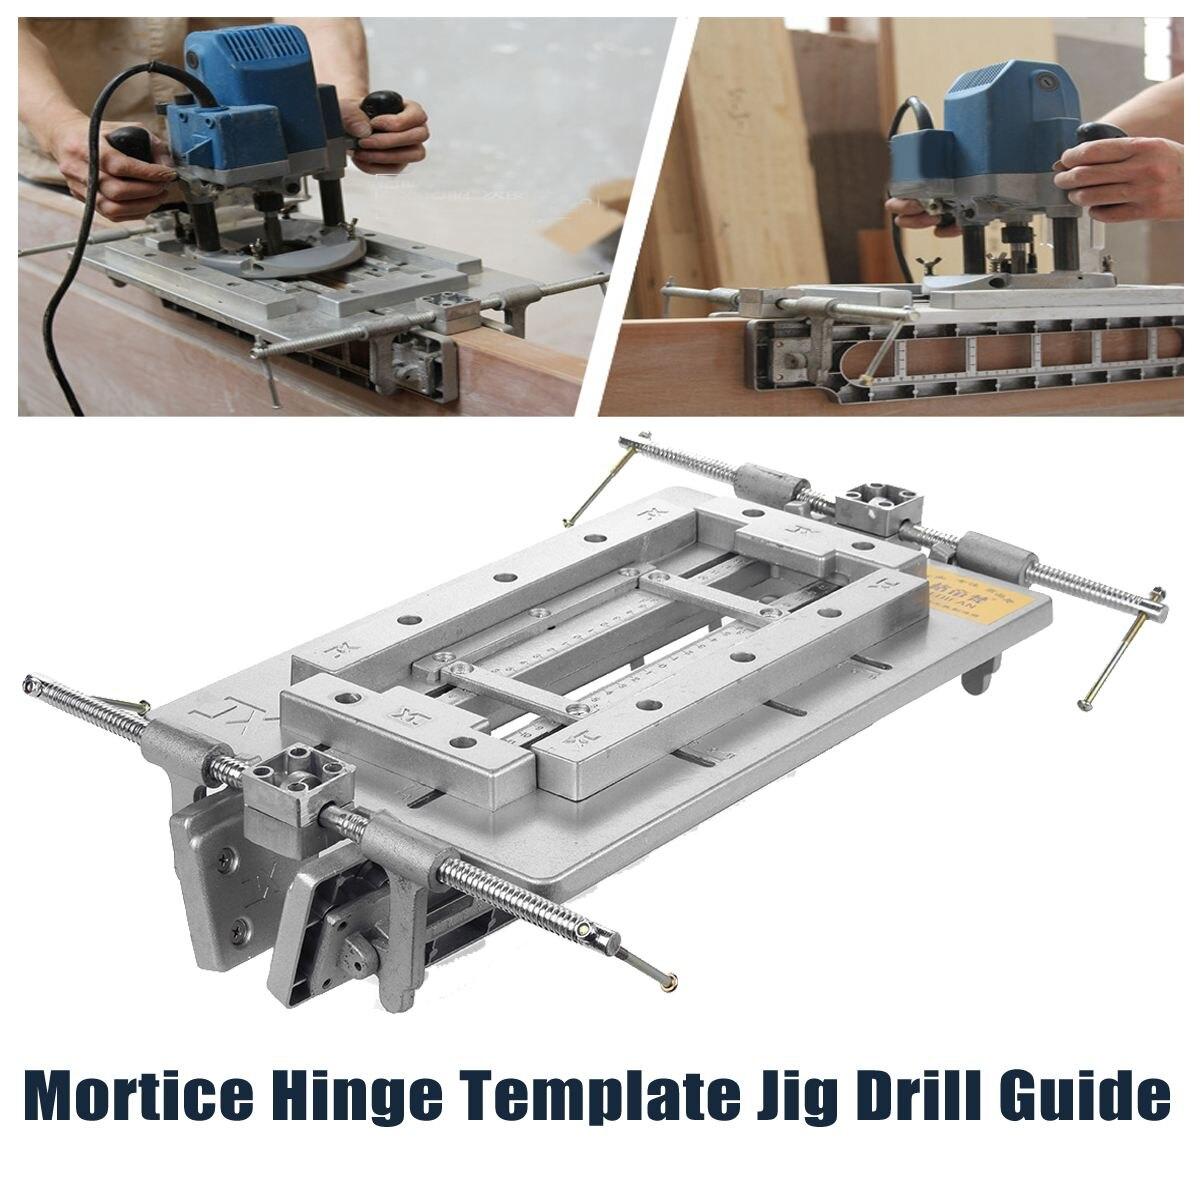 Новый высокое качество древесины триммер маршрутизатор дверной замок Mortice петля шаблон джиг дрель Руководство